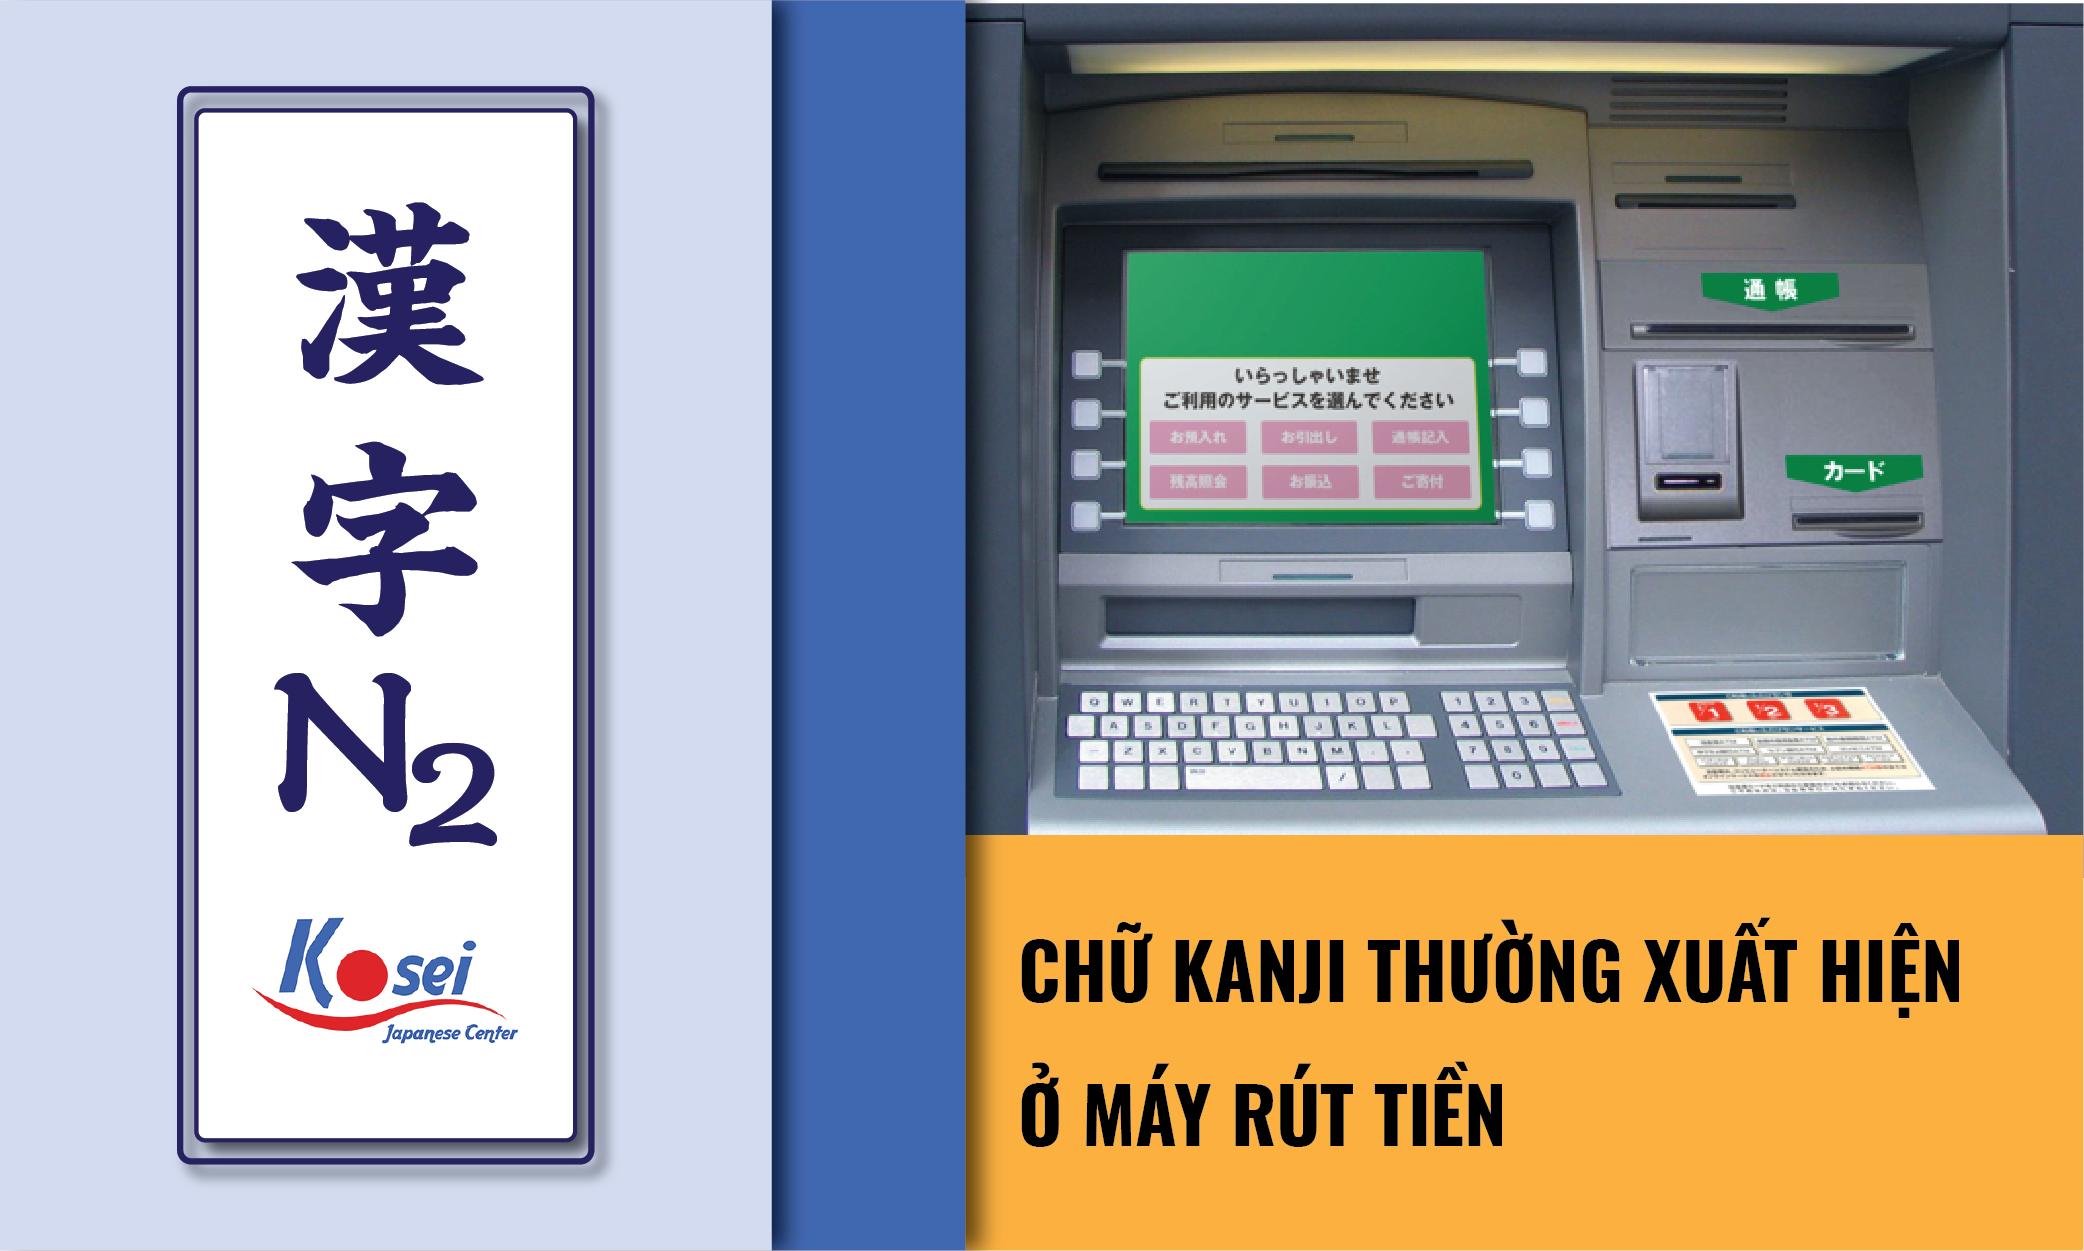 (Tổng hợp) Kanji N2: Các Kanji thường thấy ở máy rút tiền tự động